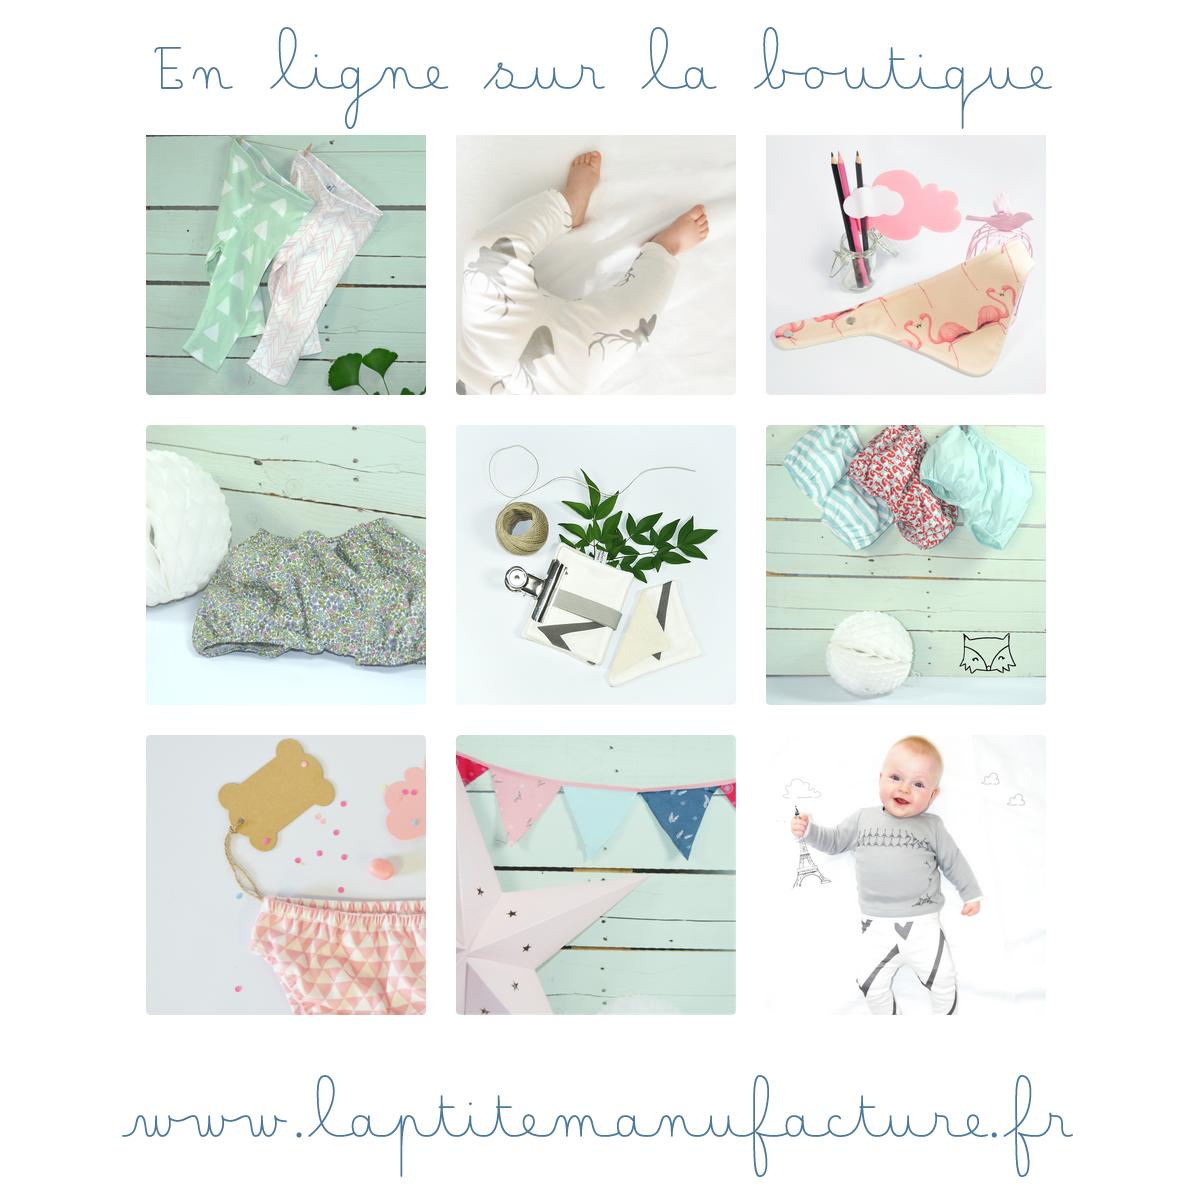 bébé boutique bio ligne vente création entreprise rose vert bleu menthe